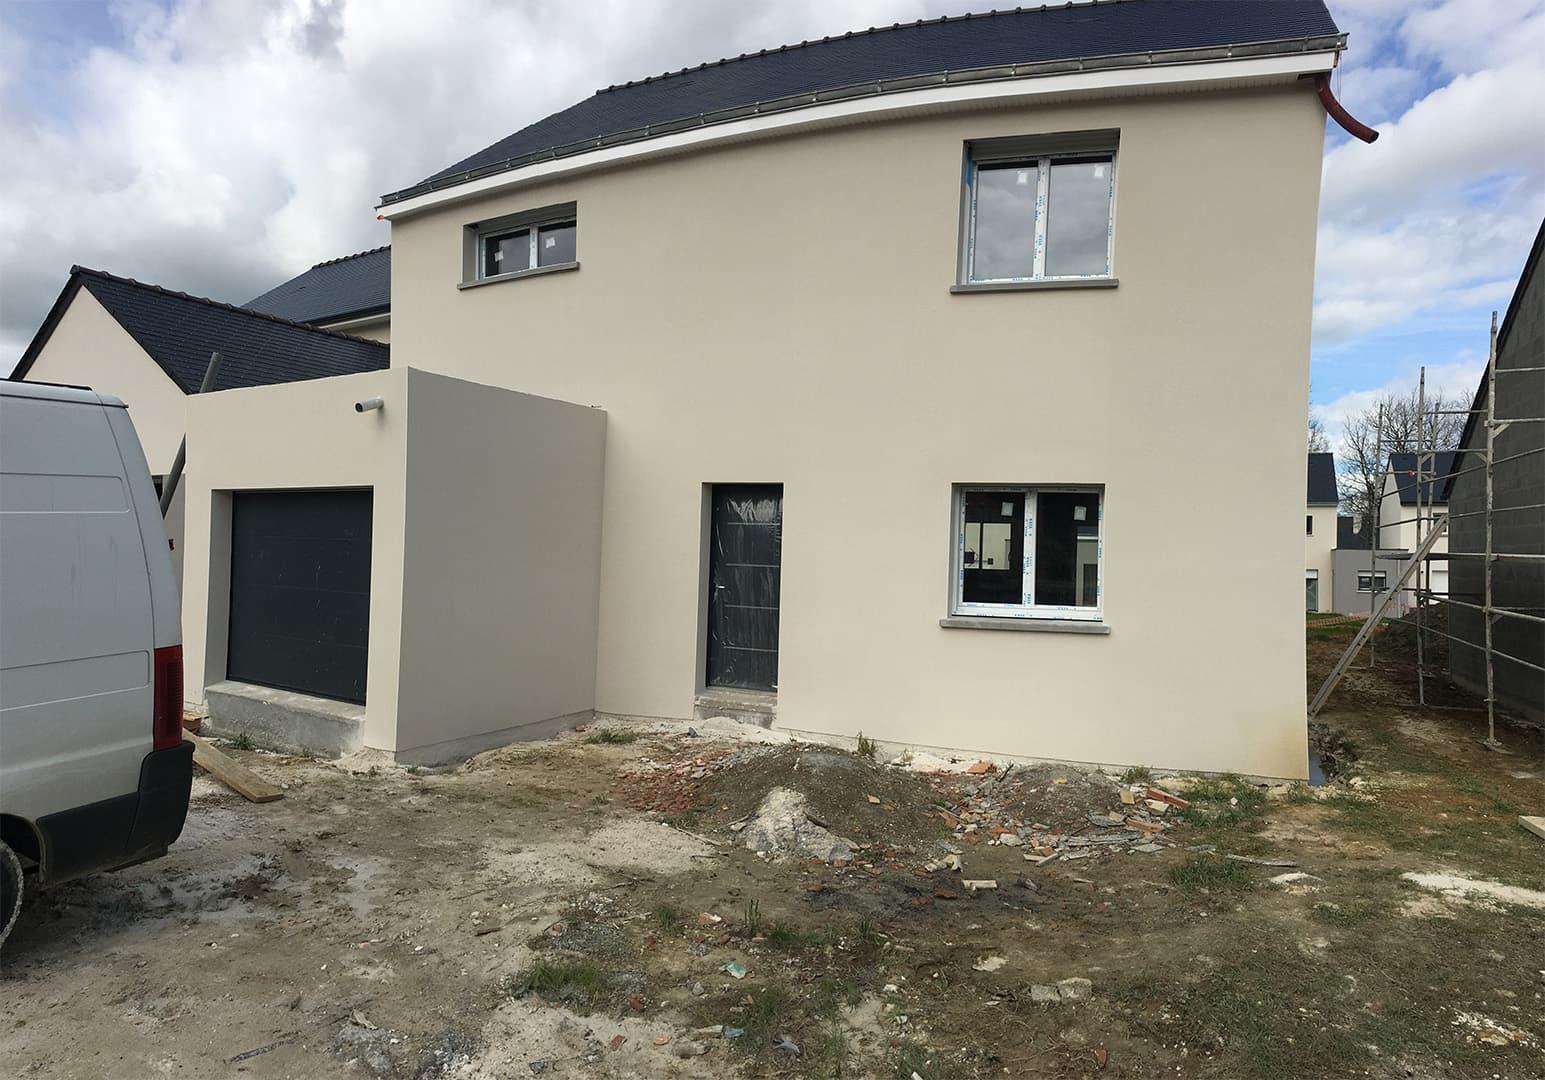 maison suce sur erdre pas cher - Permis de construire - Maison individuelle traditionnelle à Sucé sur Erdre (44)